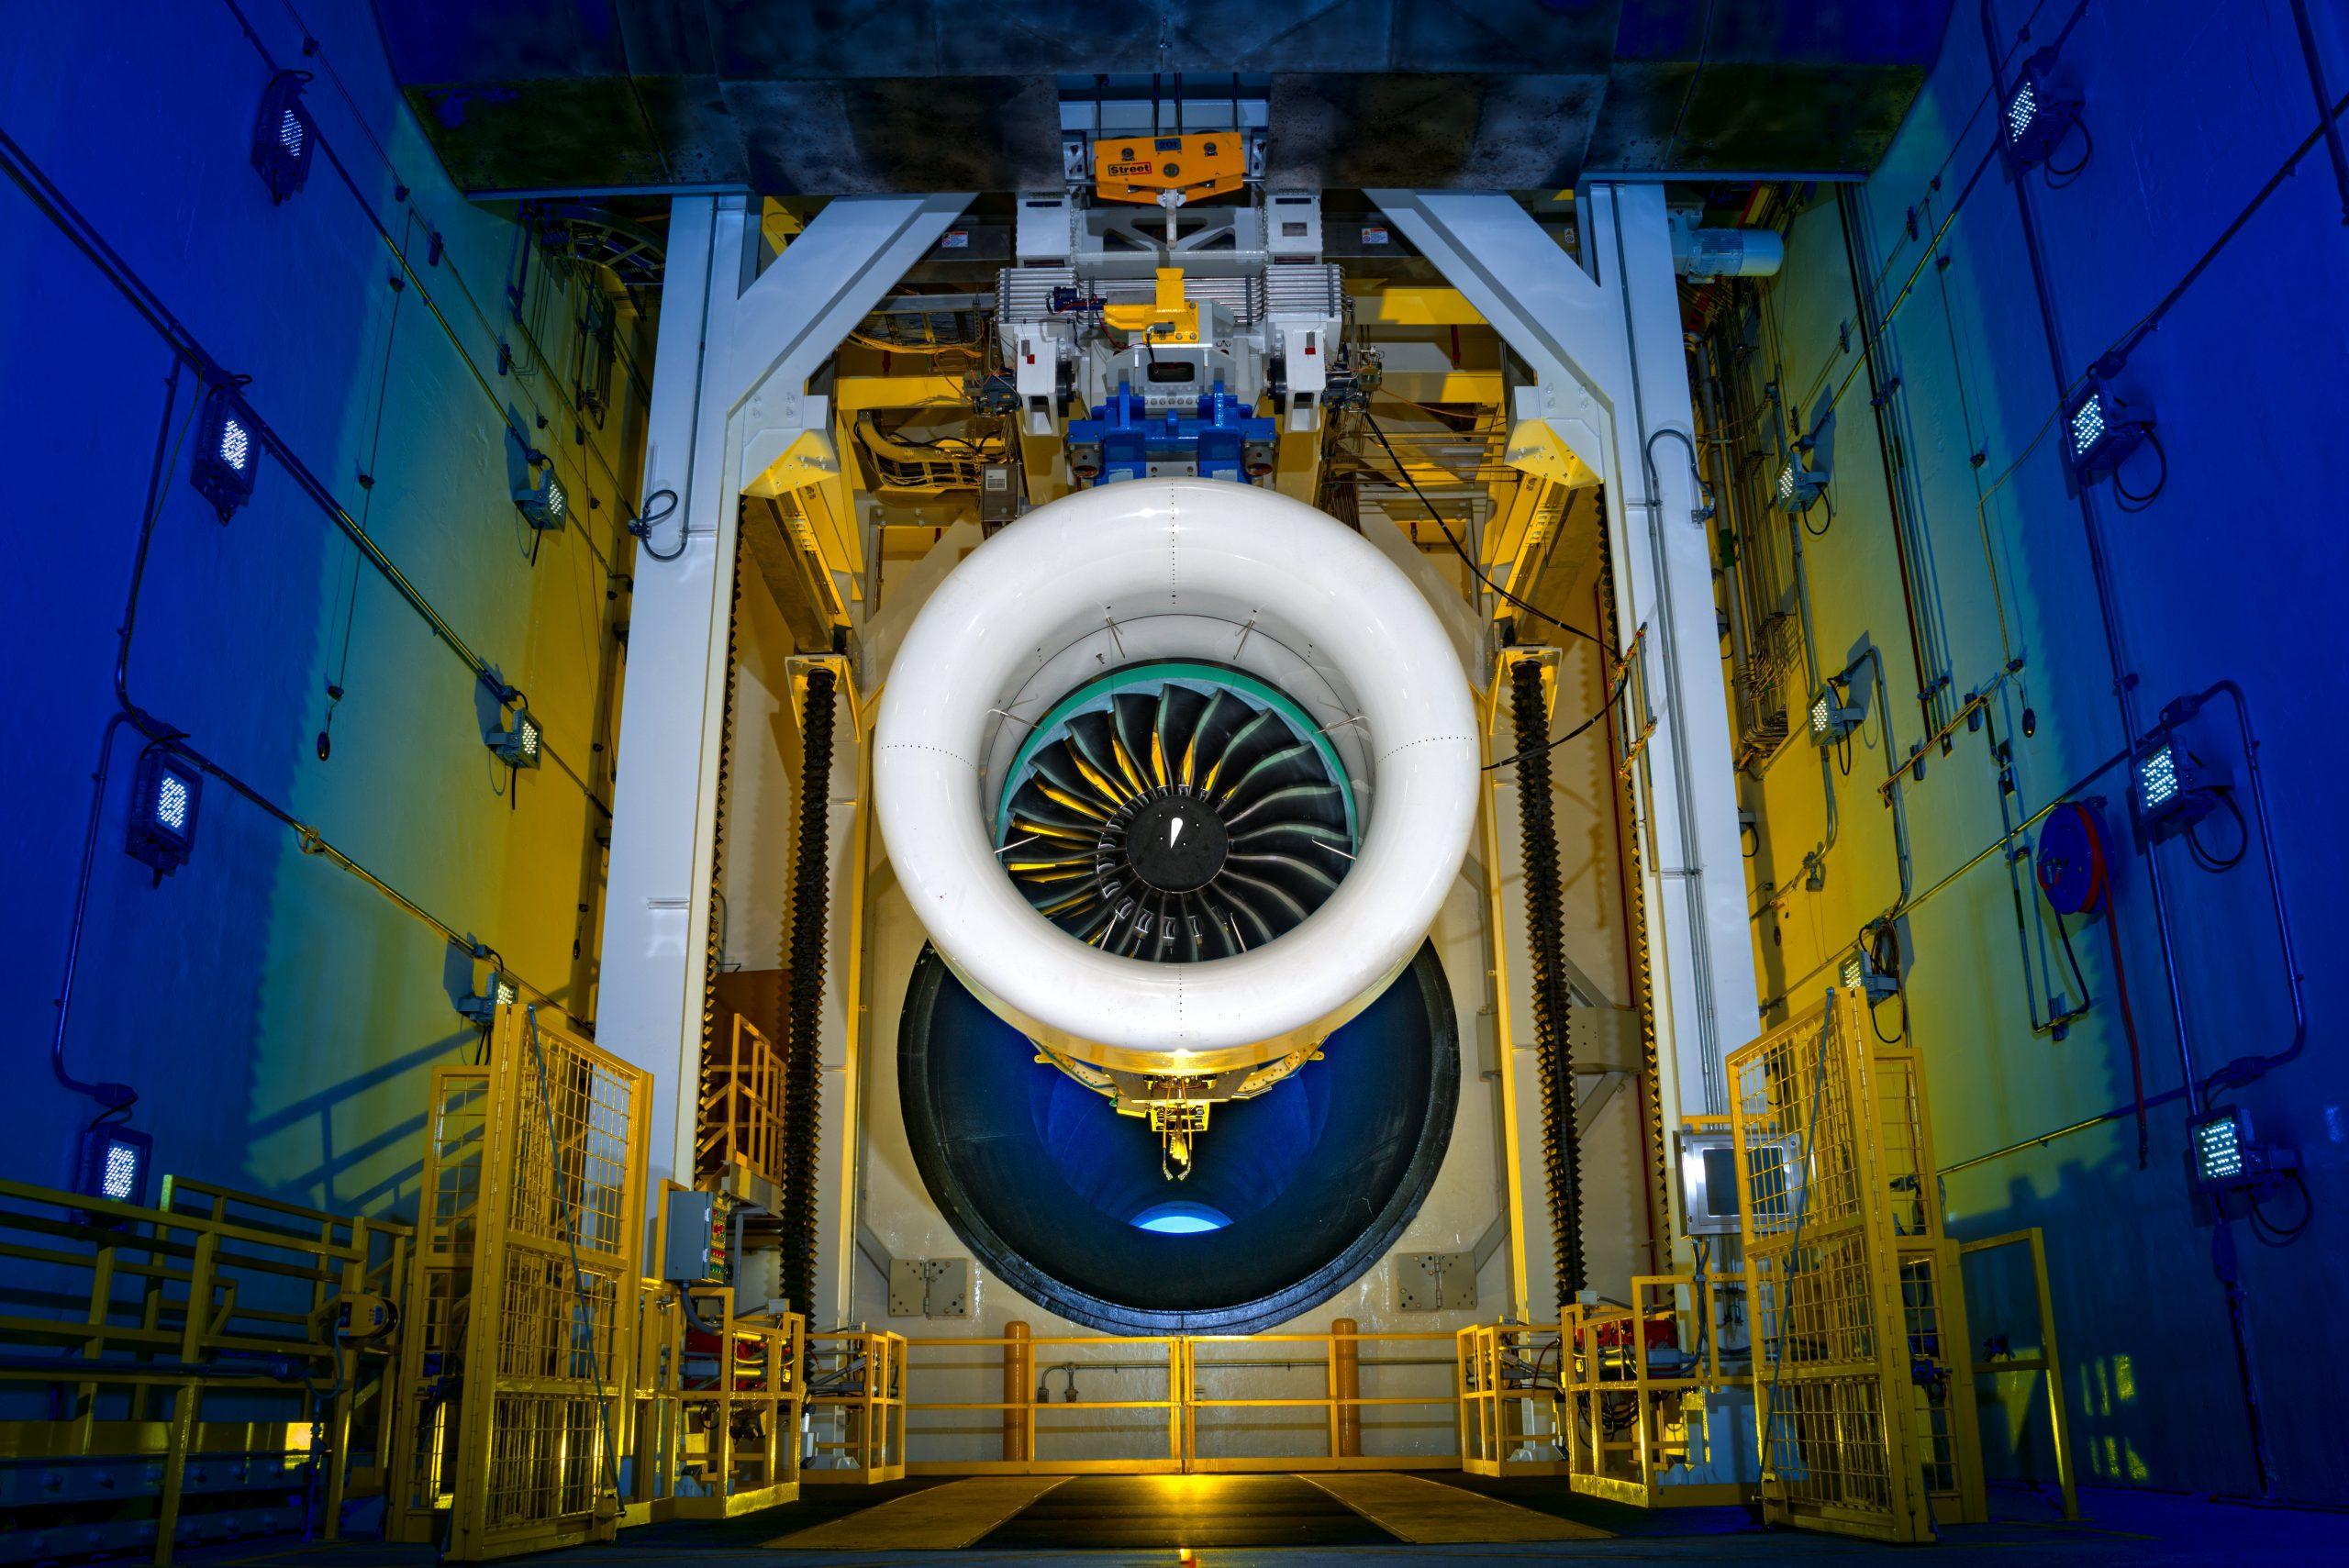 プラット・アンド・ホイットニー社のギヤードターボファンエンジンは、一部の商用航空機で燃料消費量の16%の削減、騒音の75%の低減、窒素酸化物排出量の50%の削減を達成しています。(写真提供 Pratt & Whitney)